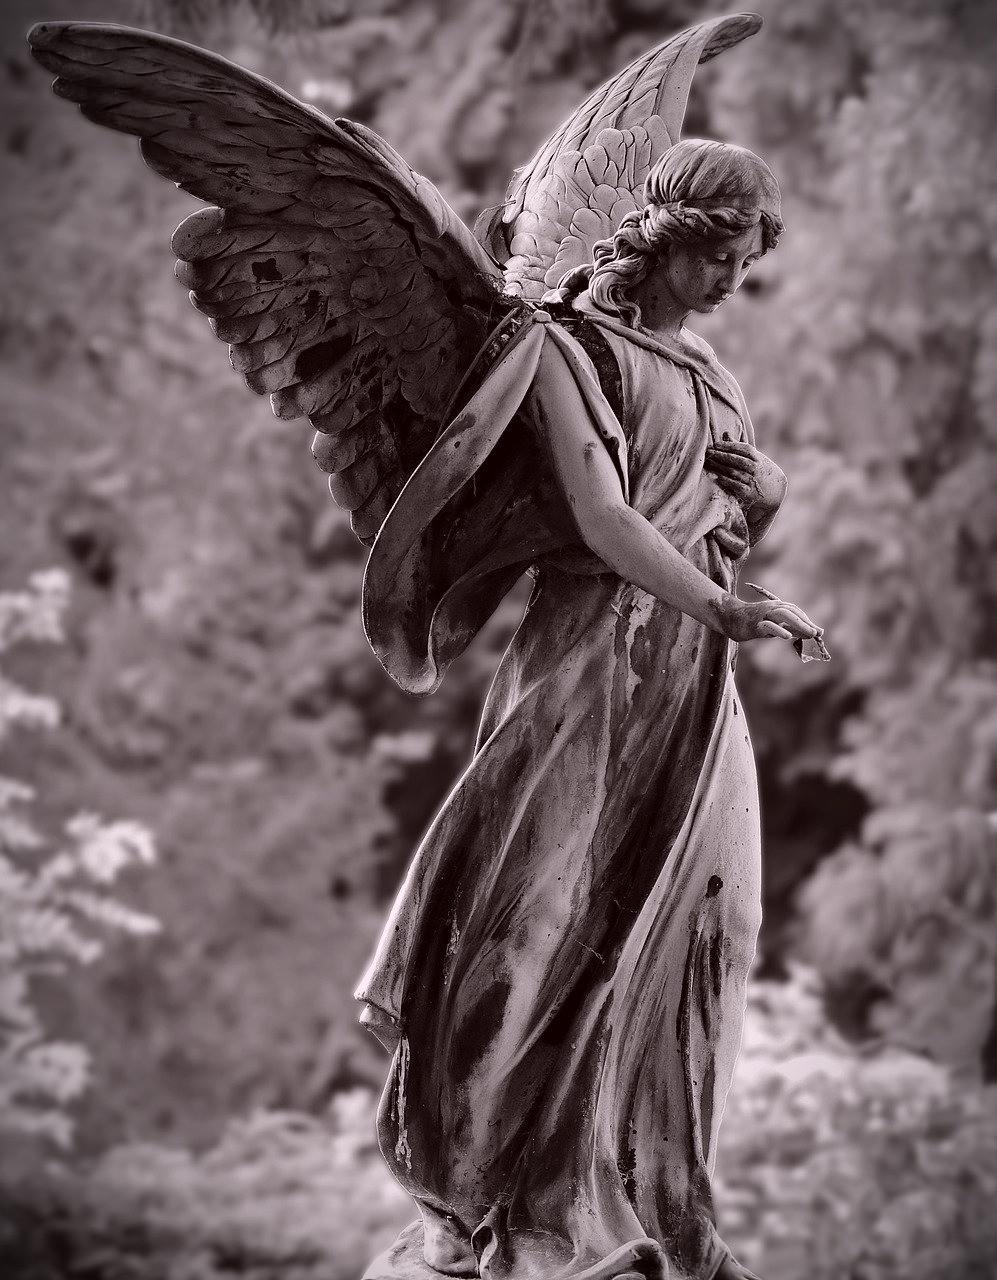 Angel Statue via Pixabay